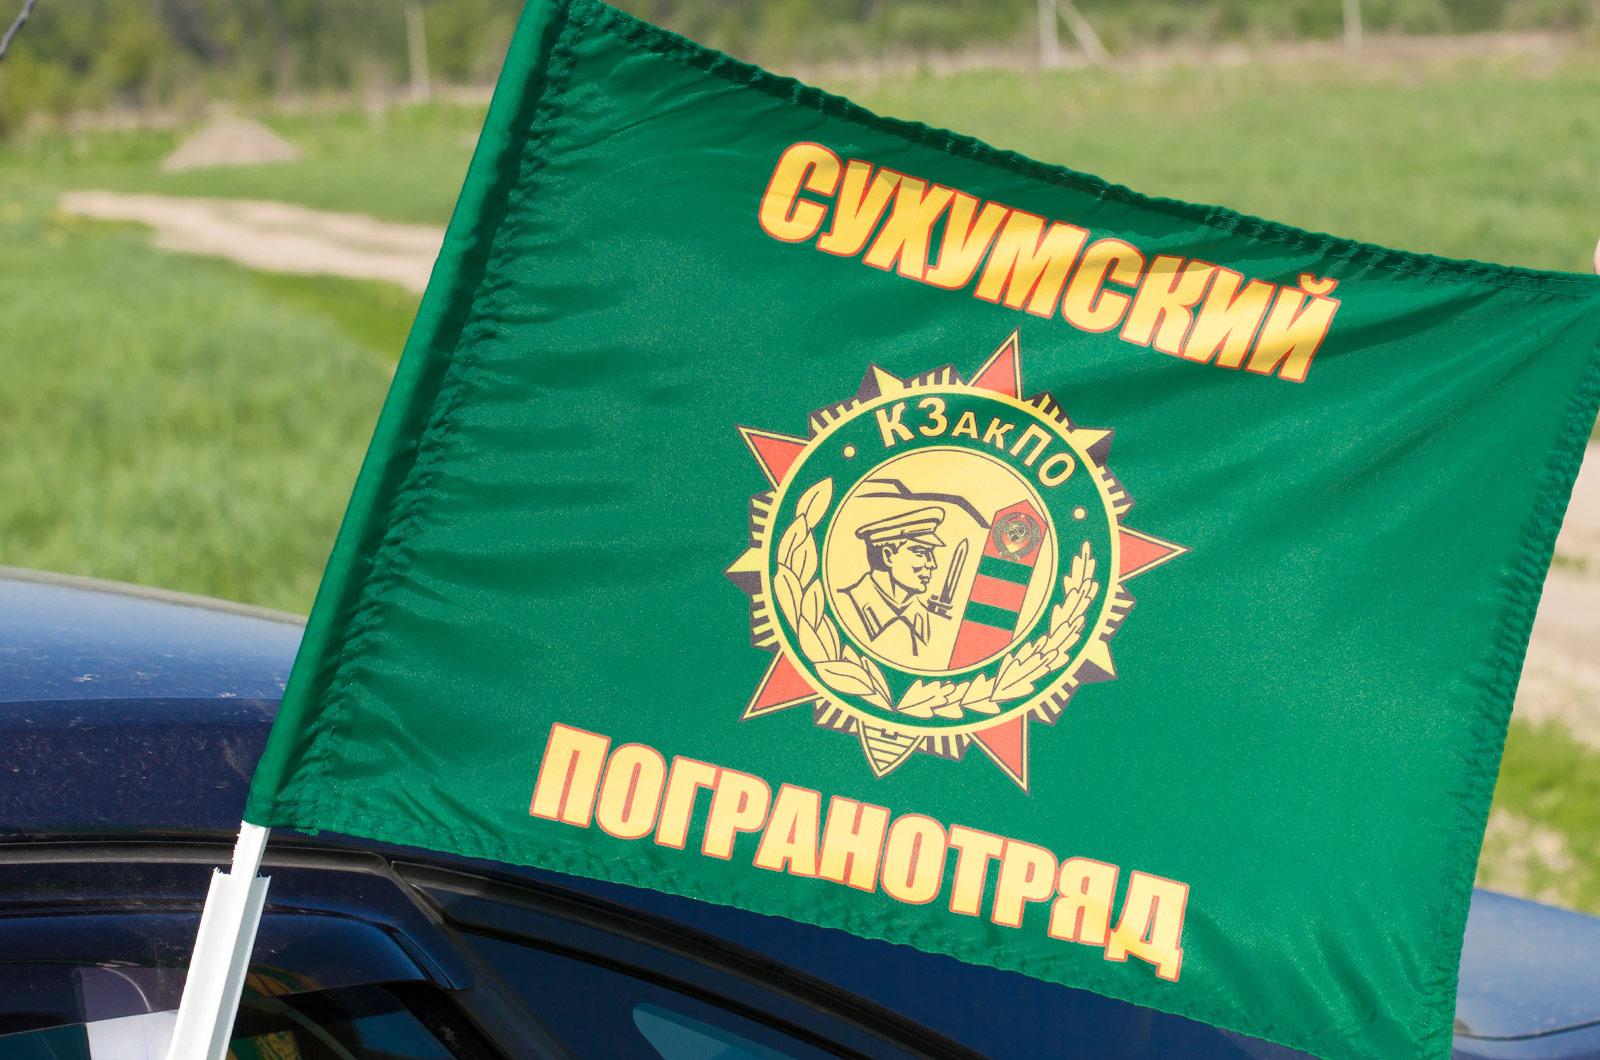 Флаг на машину «Сухумский погранотряд»